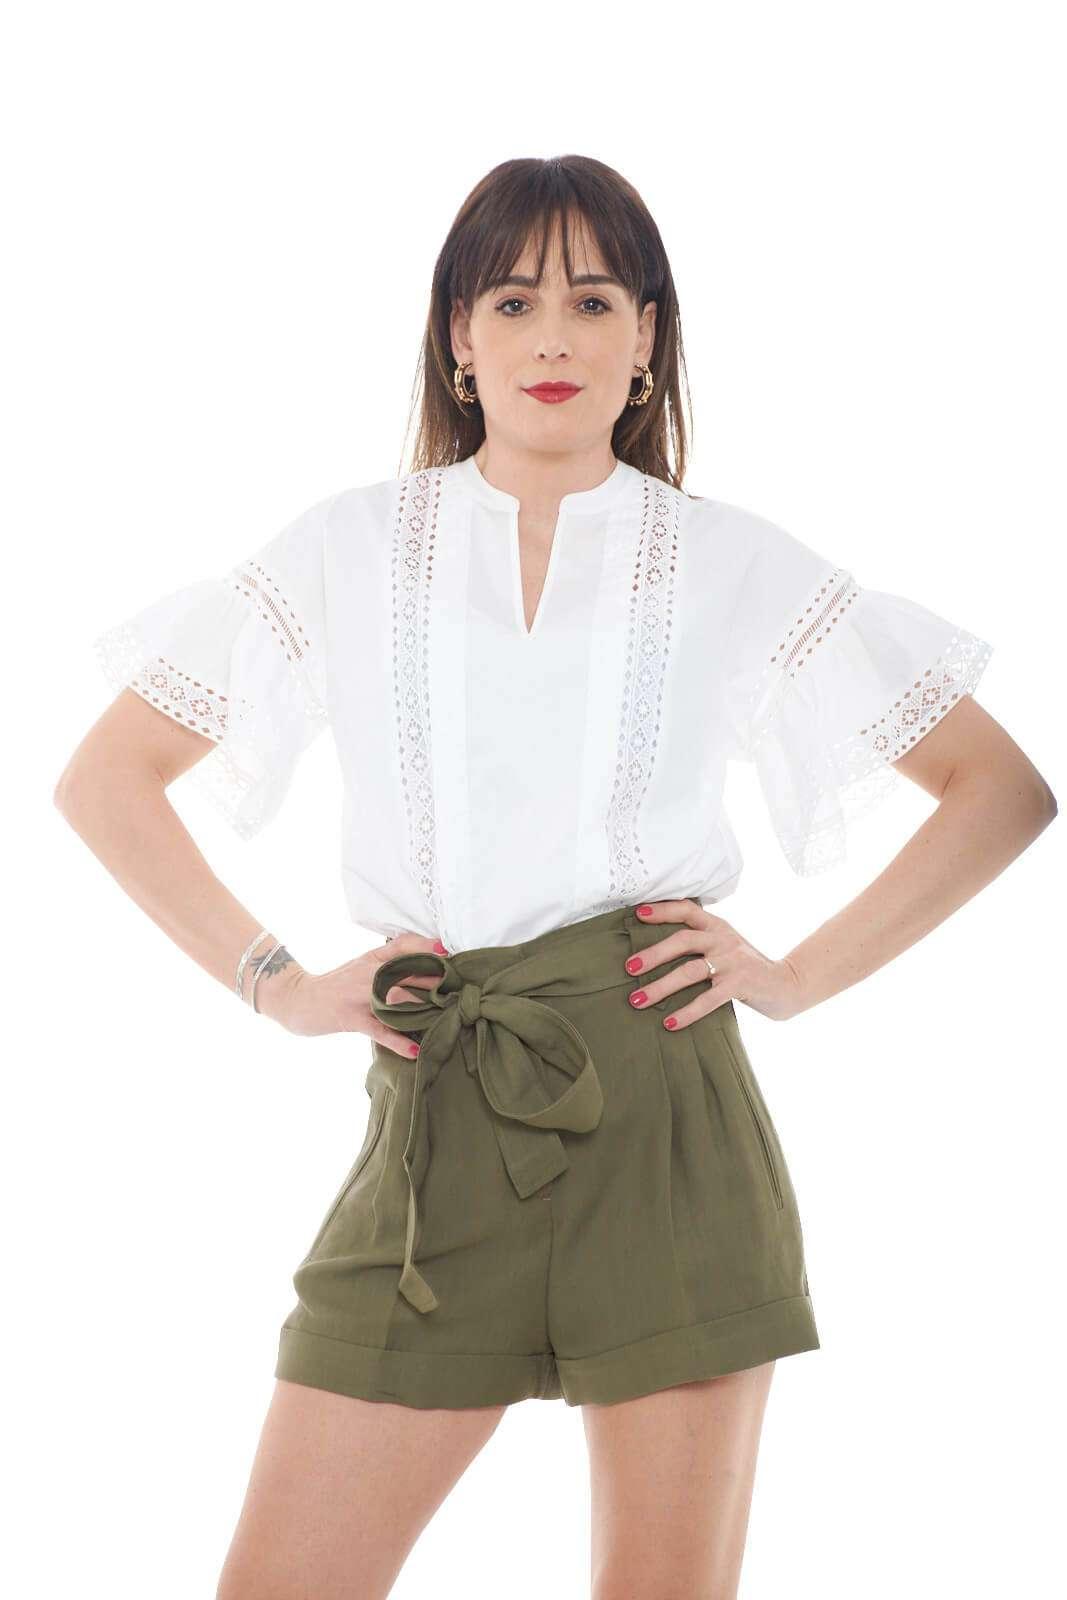 Una blusa in cotone perfetta per le calde giornate estive la nuova proposta della maison Twinset Milano. Da indossare sia con pantaloni eleganti che jeans, trova il suo tocco più glamour con gonne o pantaloni corti. Versatile e fashion conquista con i suoi dettagli in pizzo ad effetto trasparenza.